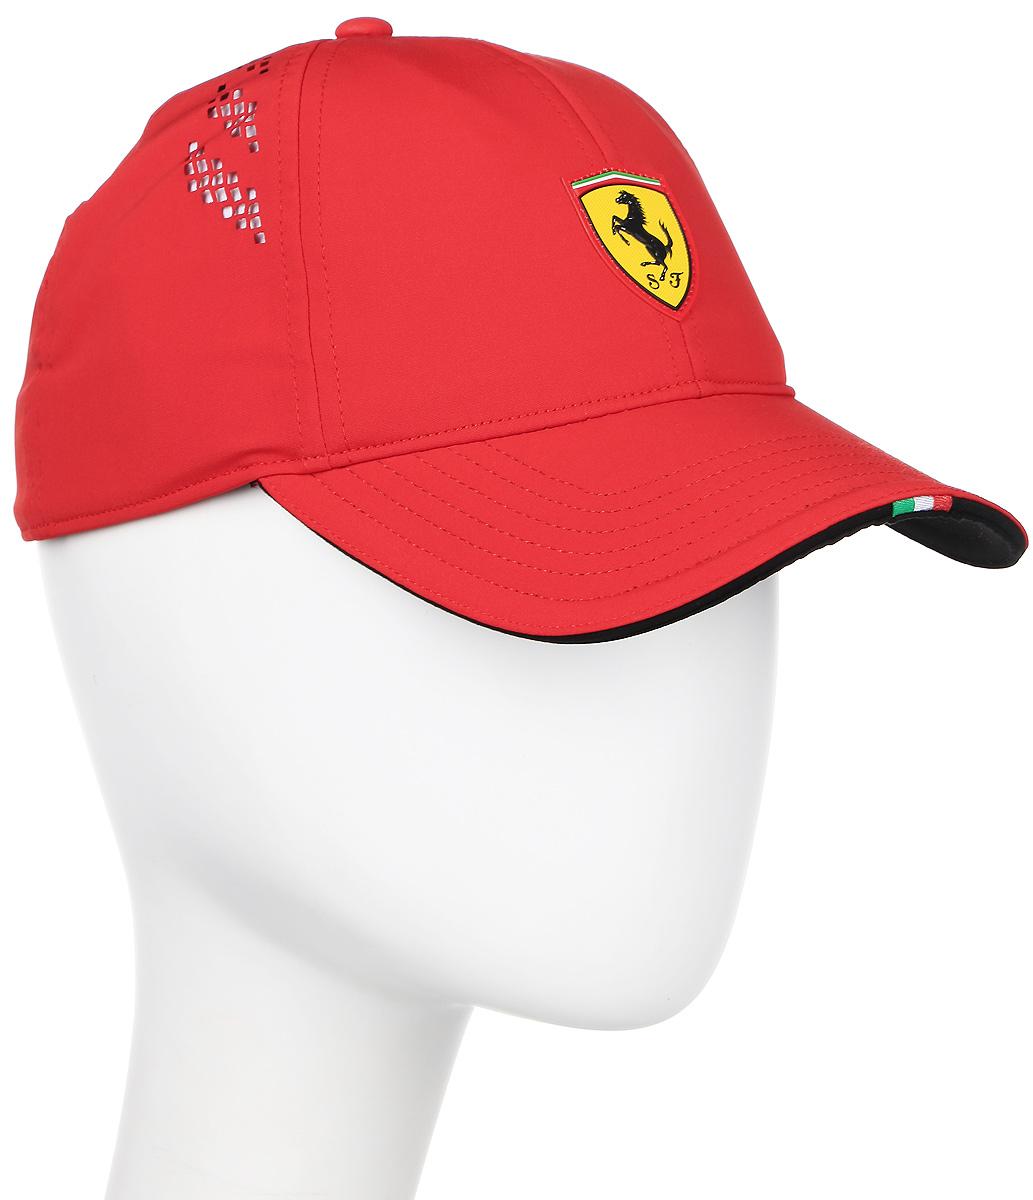 Бейсболка Puma Ferrari Fanwear force SF cap, цвет: красный. 021201_01. Размер L/XL (58)021201_01Бейсболка Ferrari Fanwear force SF cap с логотипом Ferrari и итальянским флагом на козырьке станет бессменным спутником на все заезды любимой команды. Модель имеет изогнутый козырек с контрастной внутренней стороной, плотную посадку с эластичной лентой вдоль головы и лазерную перфорацию по сторонам. Бейсболка декорирована гербом Ferrari из термопластичного полиуретана спереди и логотипом Puma сзади.